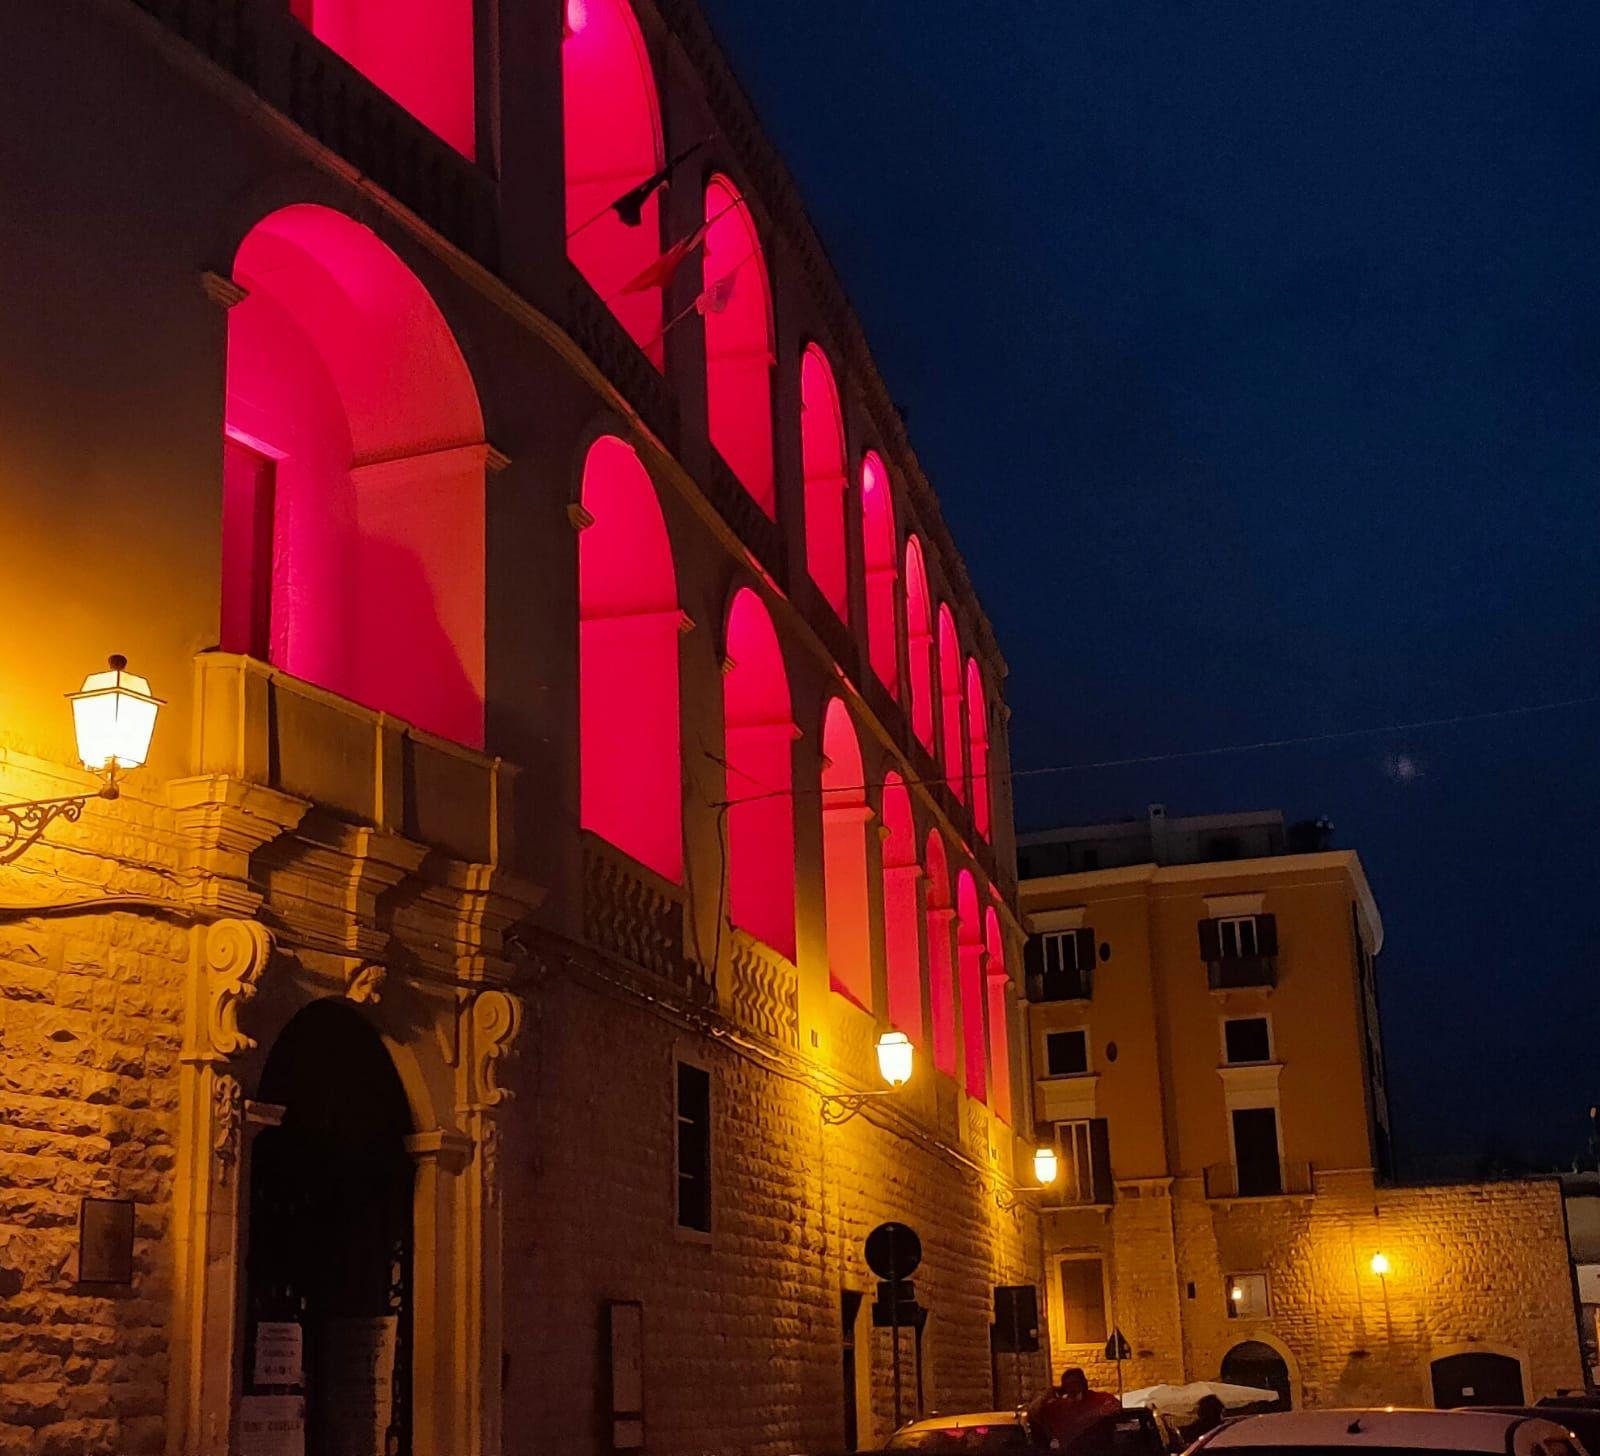 Palazzo di città illuminato di rosso in occasione della Giornata dei Donatori di Sangue